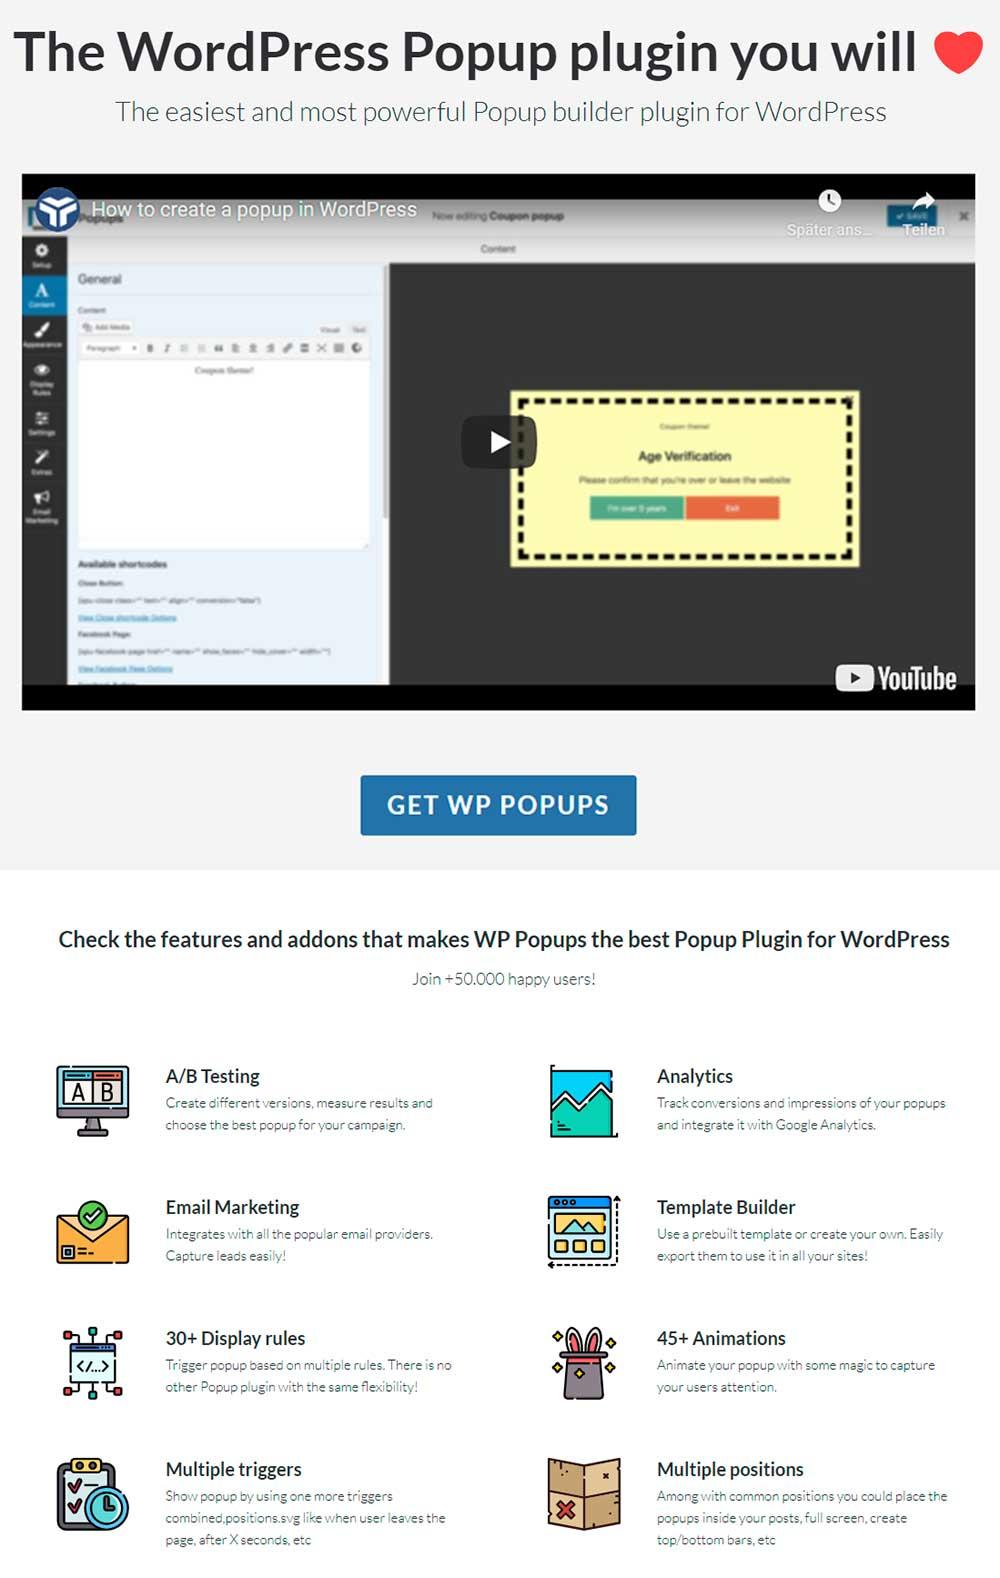 WP Popups - WordPress Popup Builder Plugin